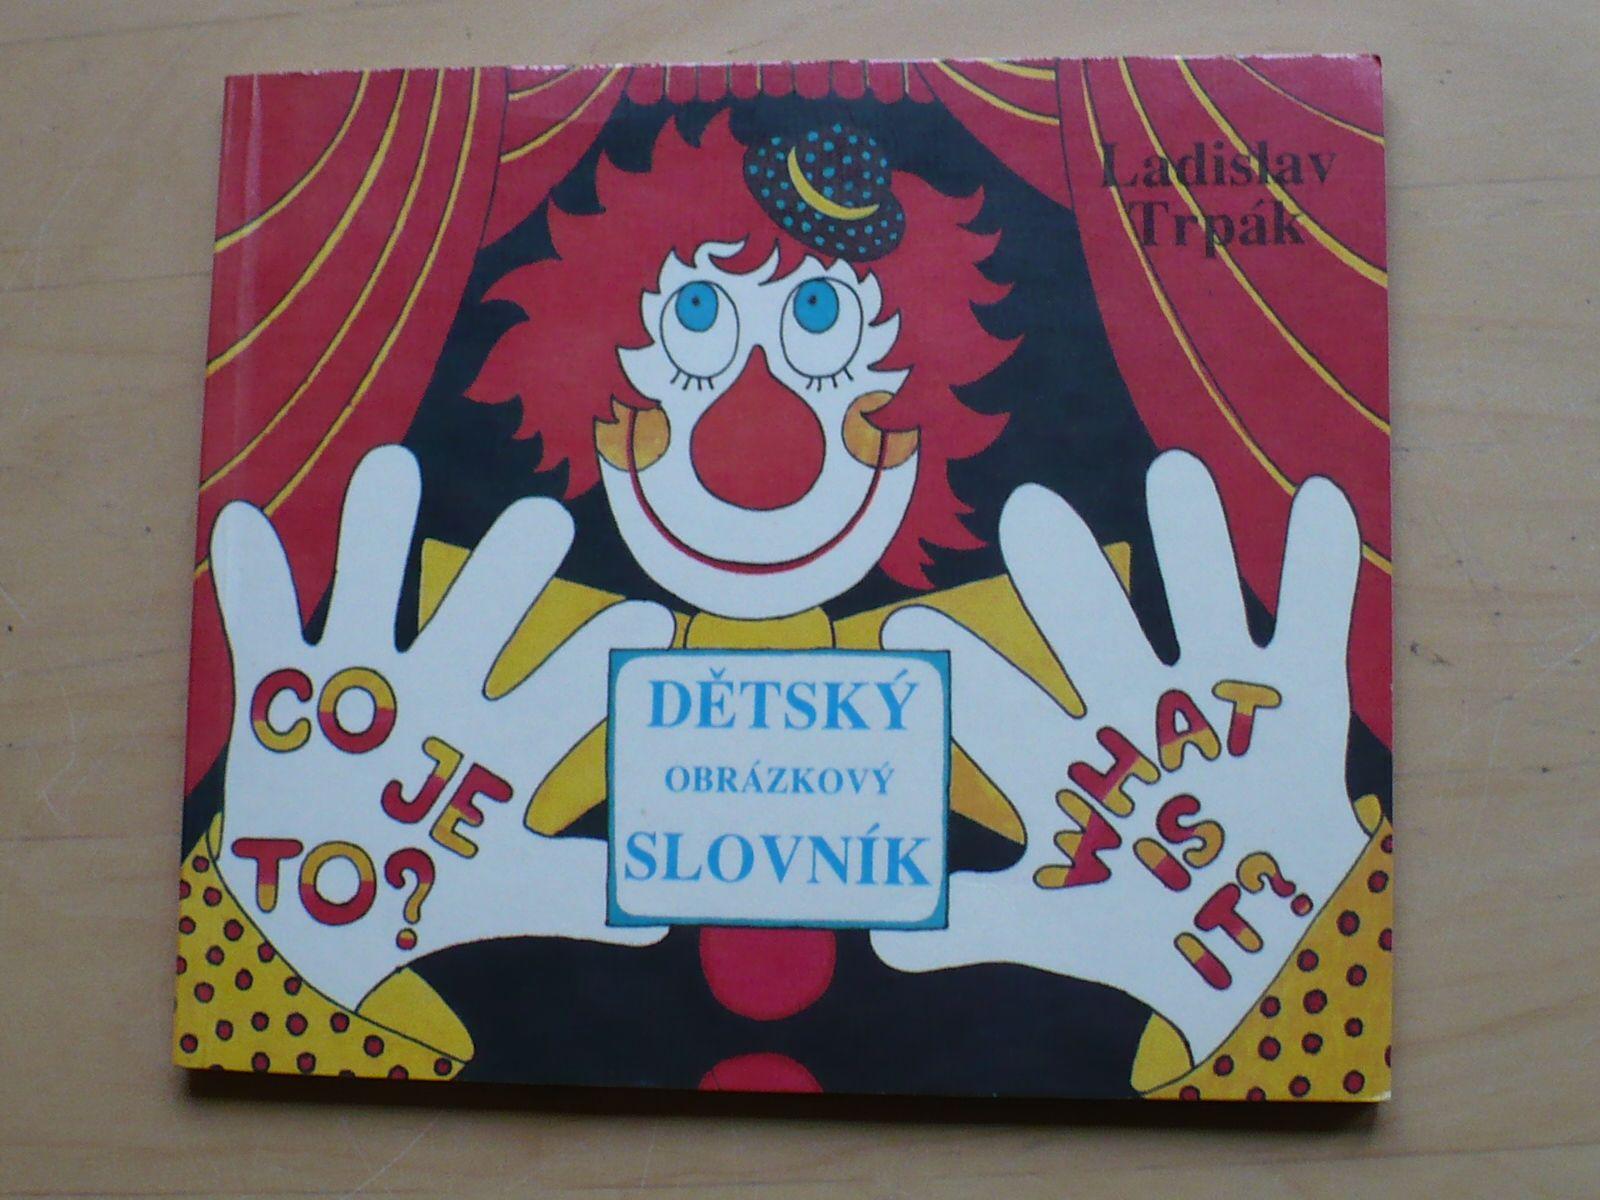 Trpák - Dětský obrázkový slovník - What is it? (1991)